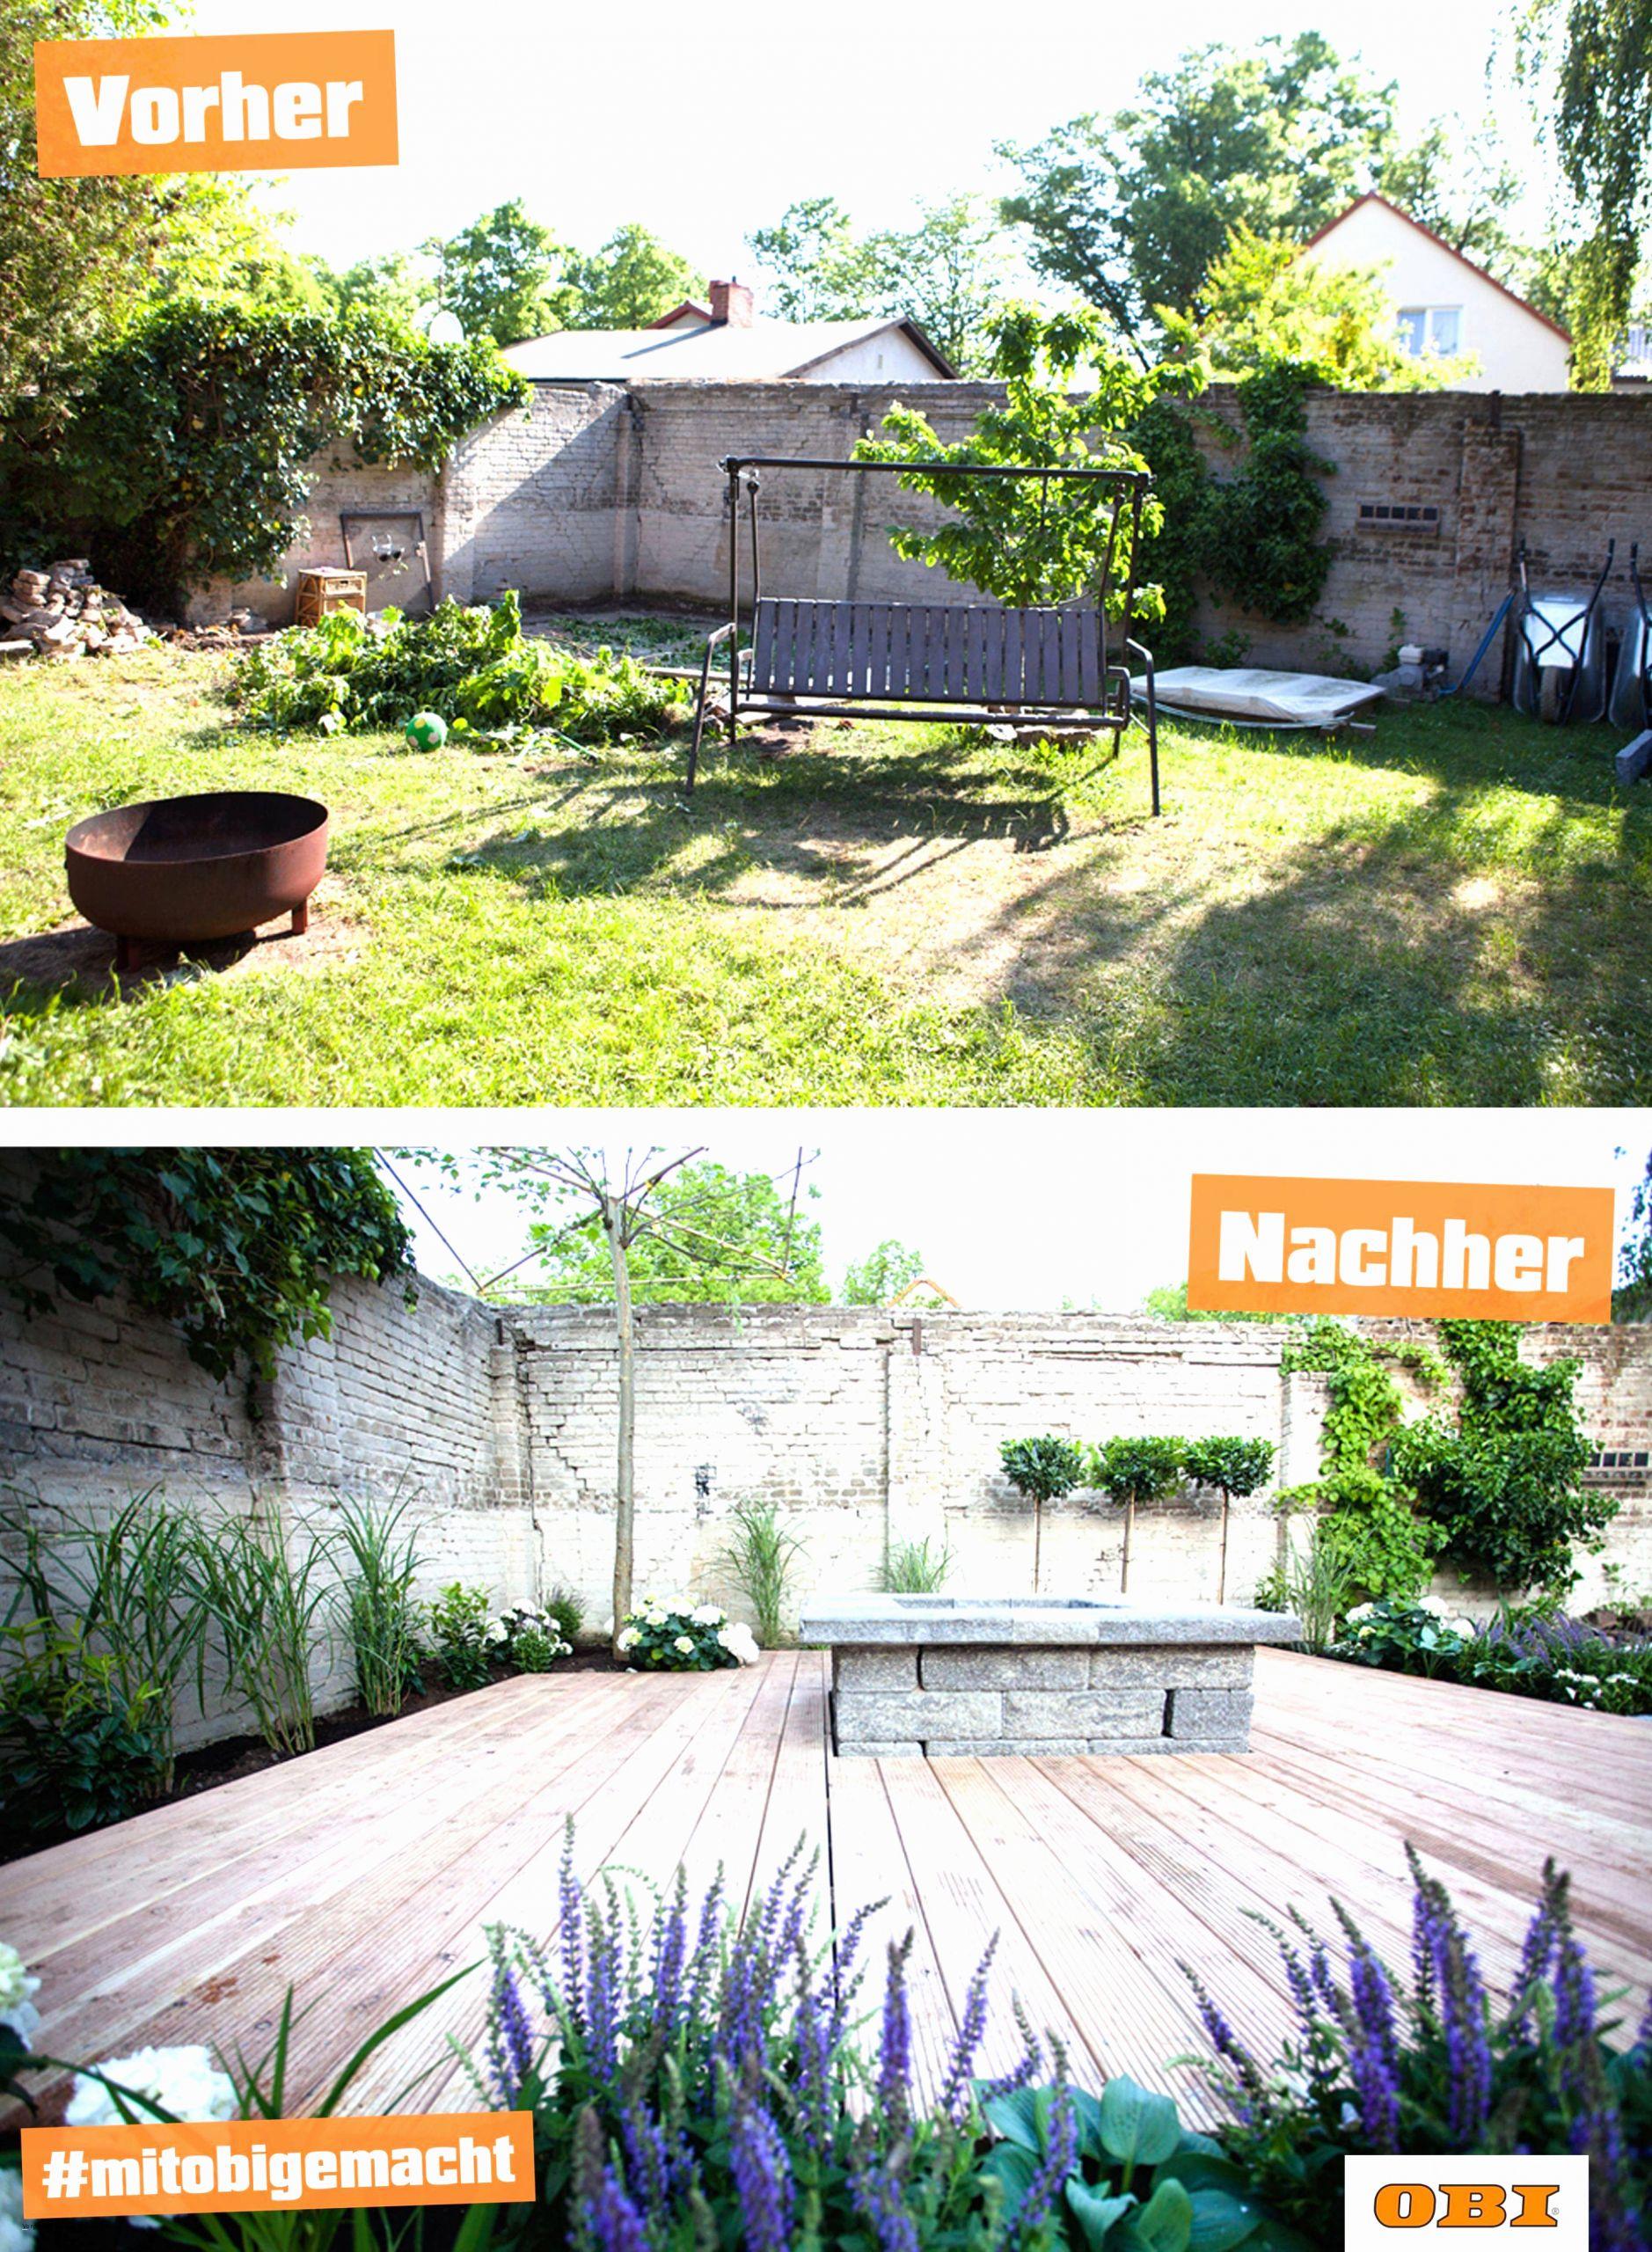 gartenbeete mit steinen gestalten neu kiesgarten anlegen ideen kiesgarten anlegen ideen kiesgarten anlegen ideen